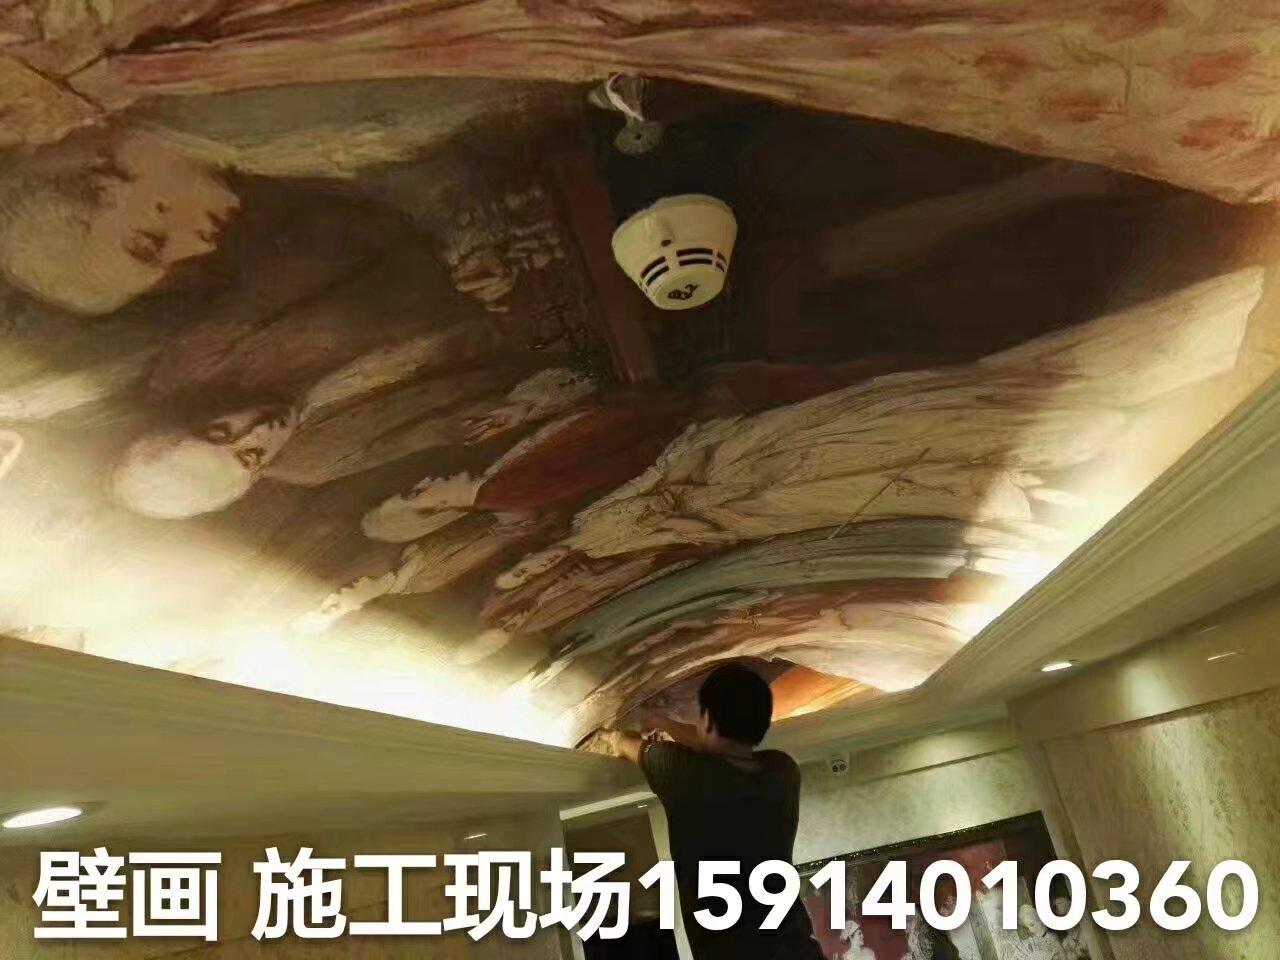 深圳市光明专业贴墙纸壁画墙布批发刷墙张师傅-深圳墙纸技师